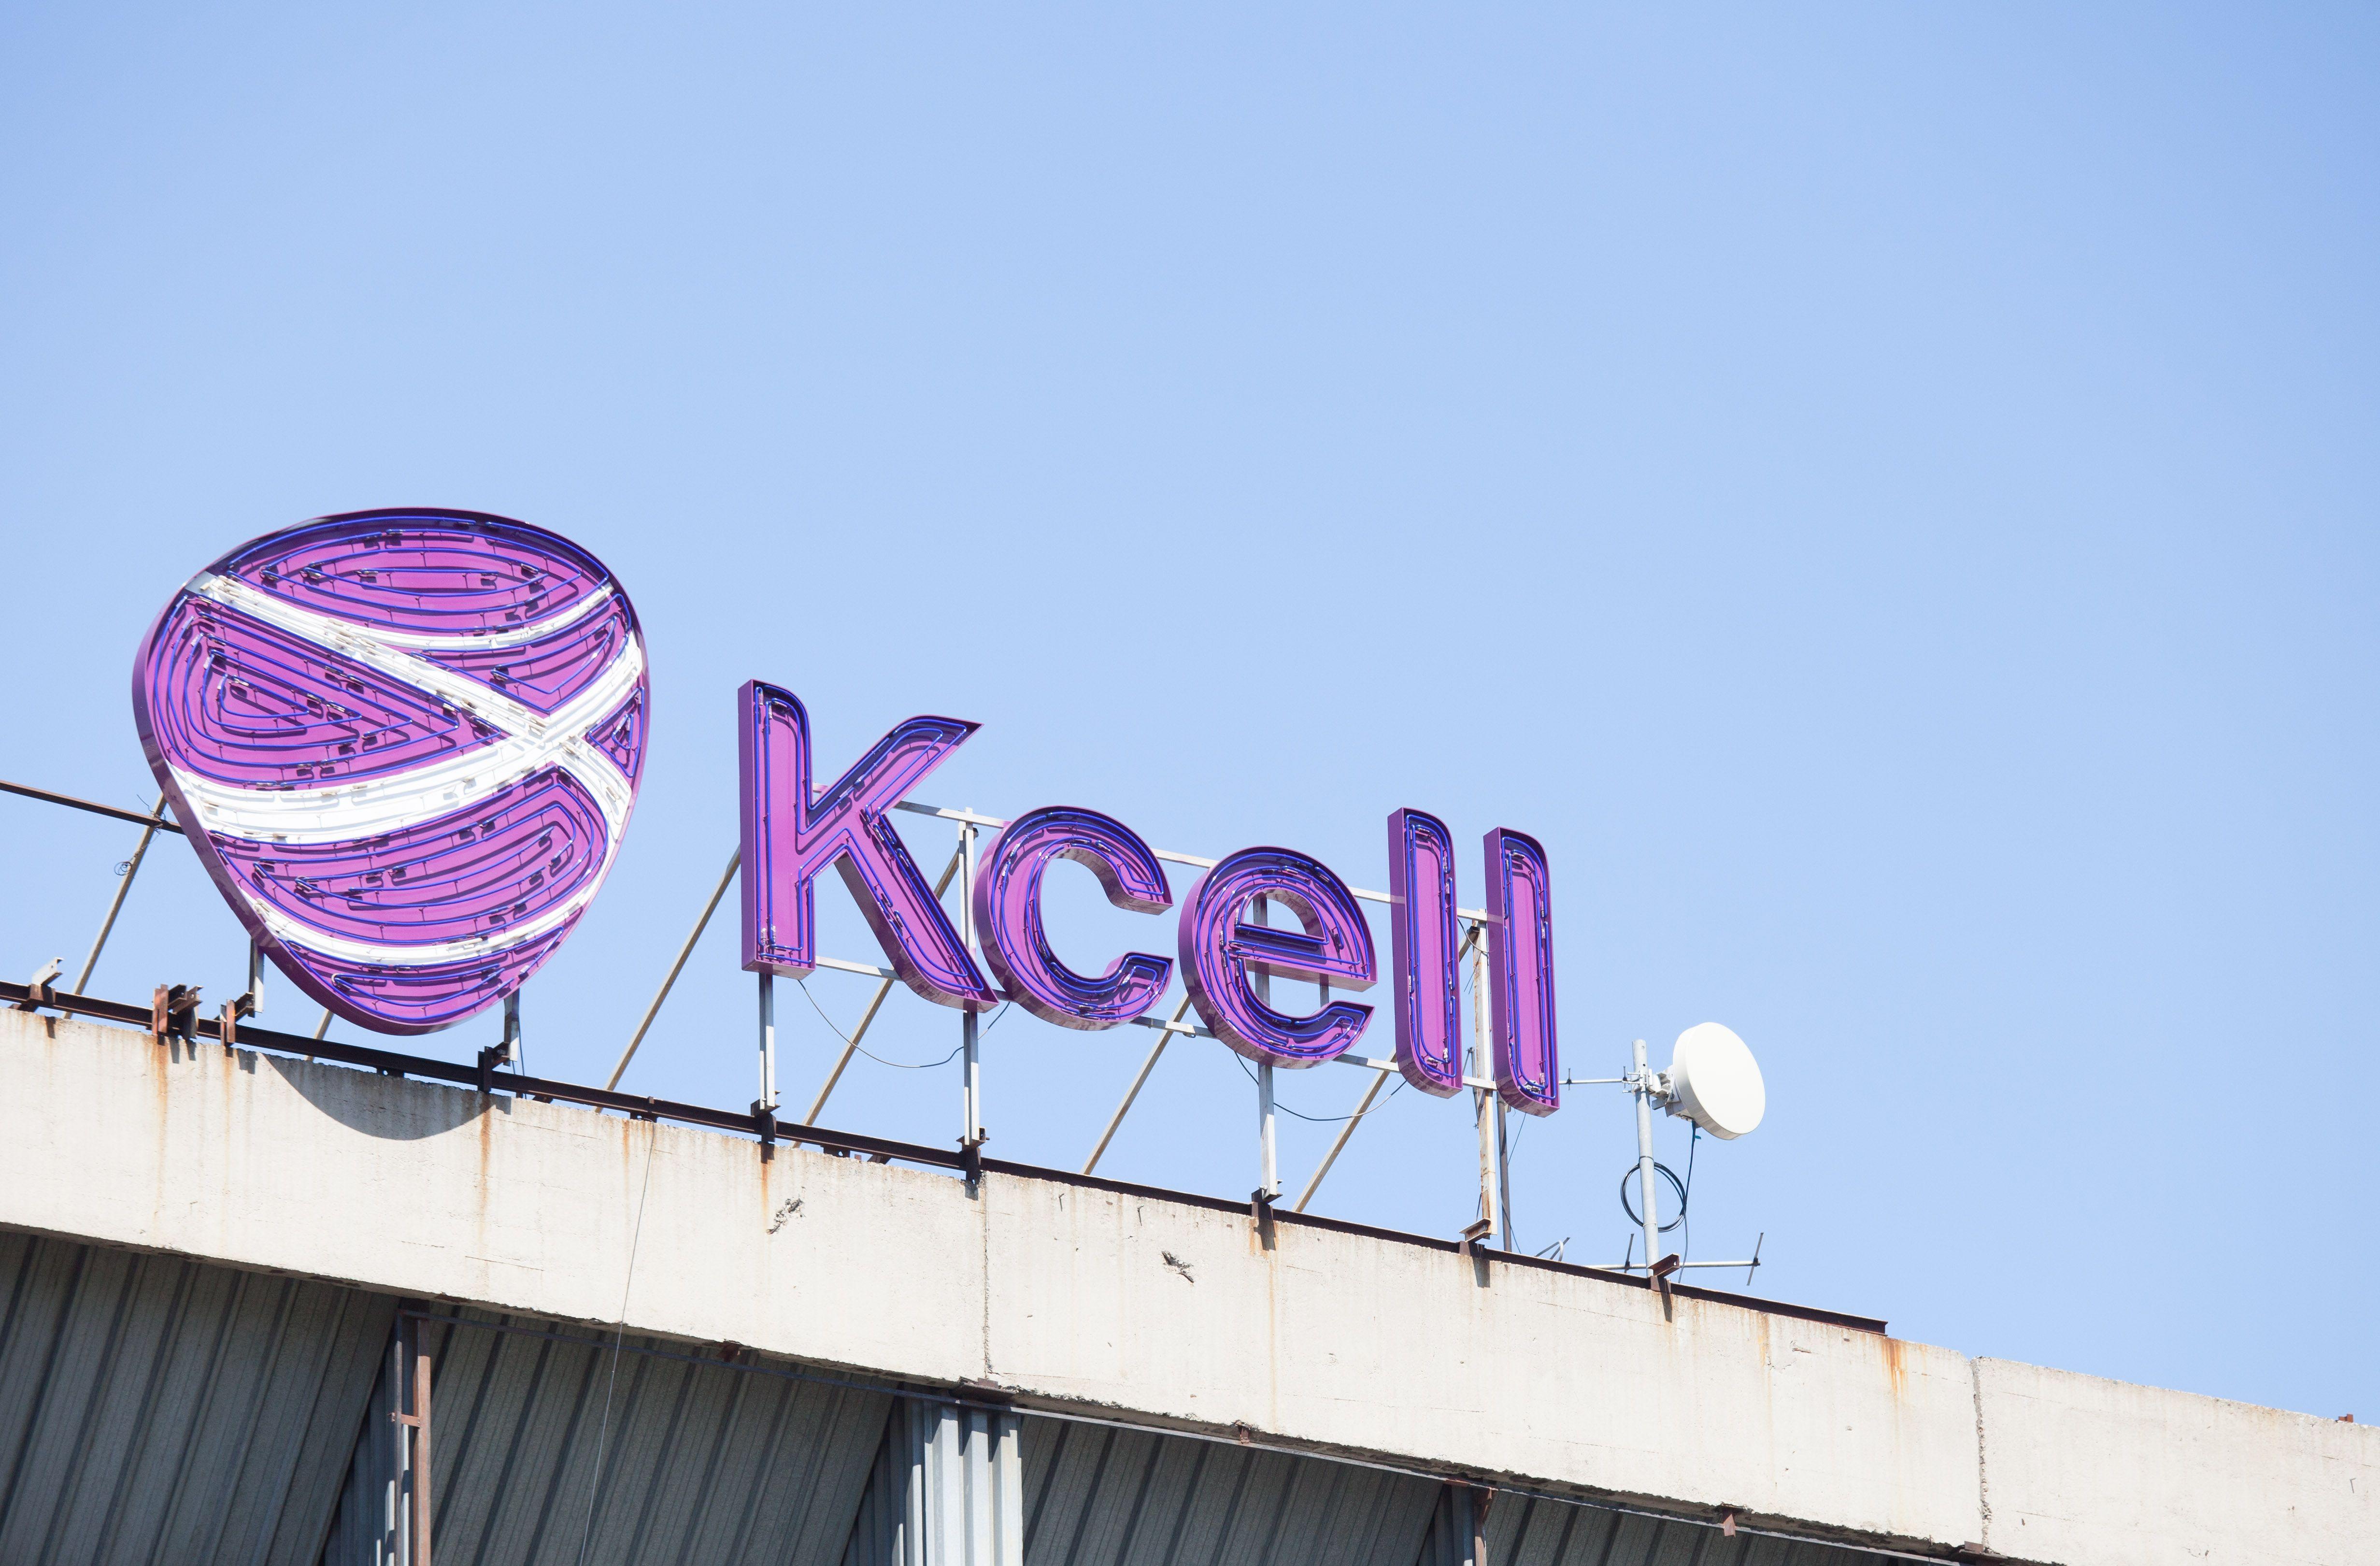 Показатели «Кселл» продолжают расти- Kapital.kz